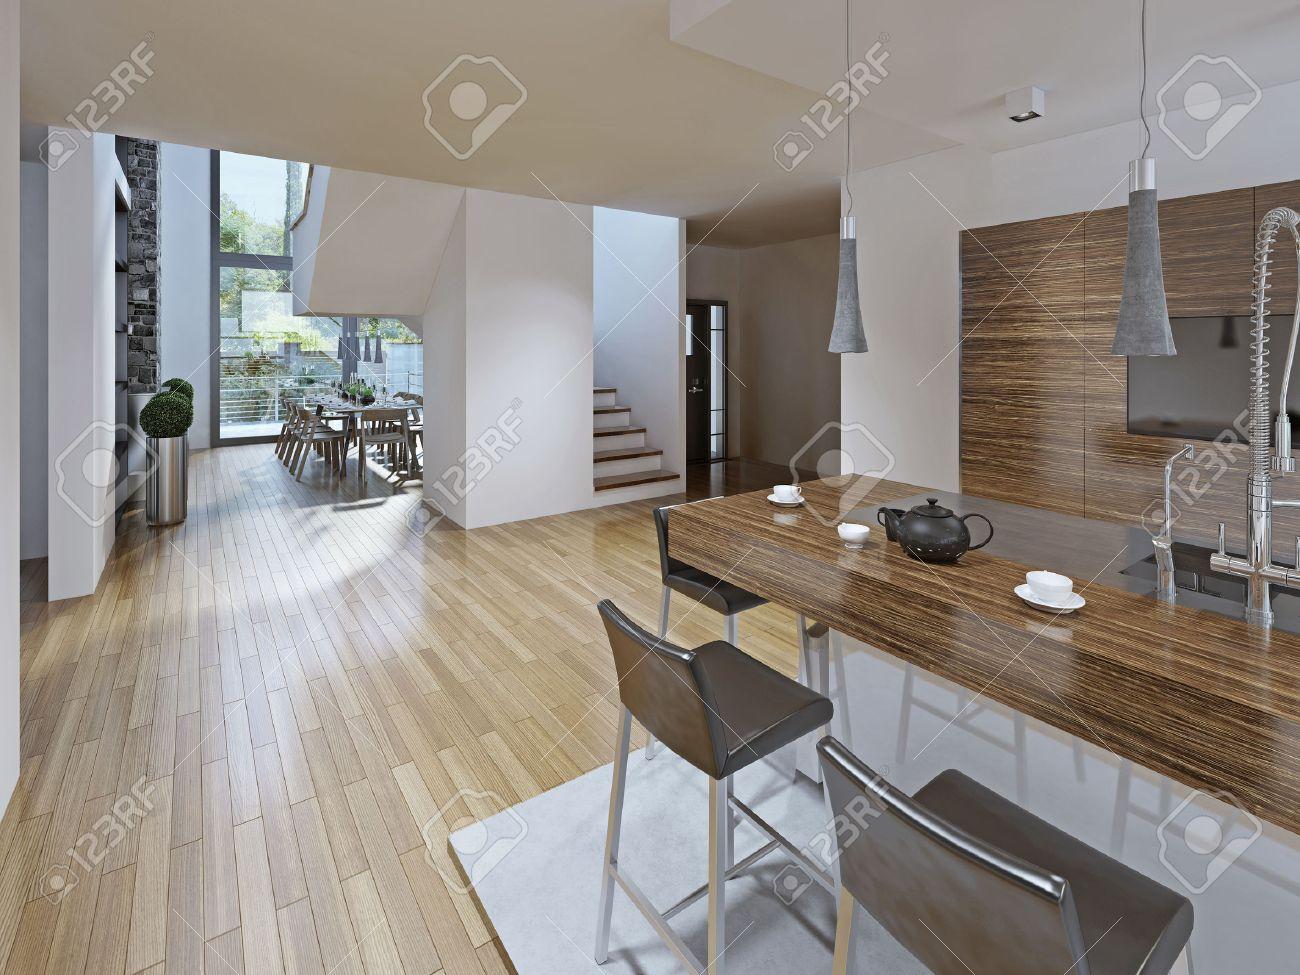 High-tech cucina con sala da pranzo in stile. Il bancone con sgabelli nero.  mobili da cucina è fatta nella texture di legno scuro a righe. Due piani ...